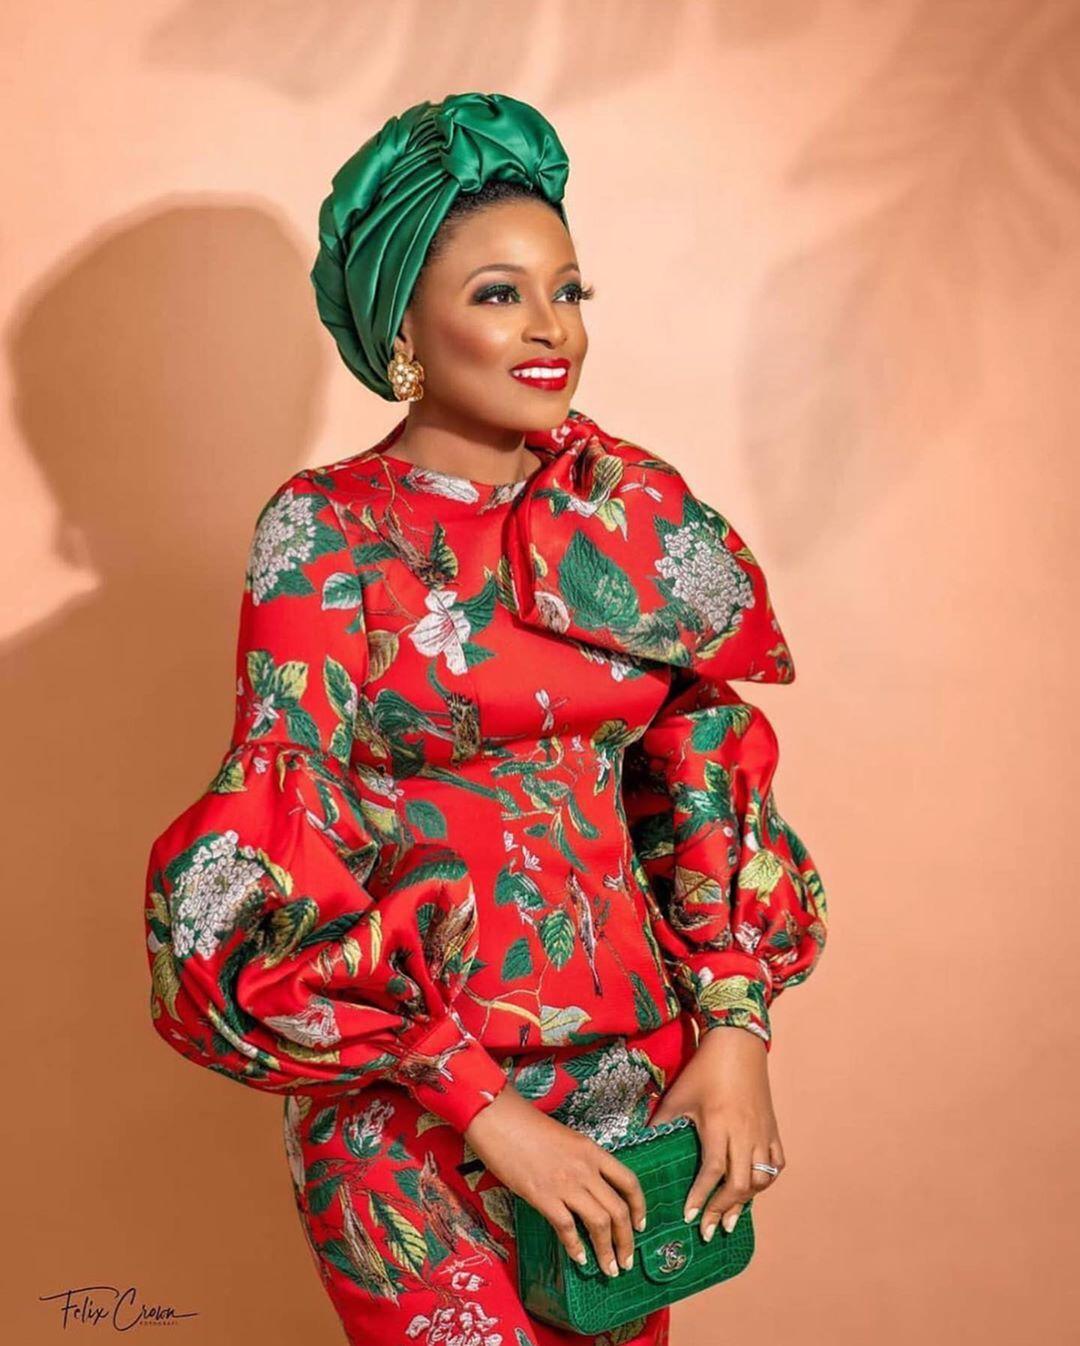 T N S Top Nigerian Socialites On Instagram T N S Beautiful Emeliajane 075 Celebra African Clothing African Maxi Dresses African Clothing Styles